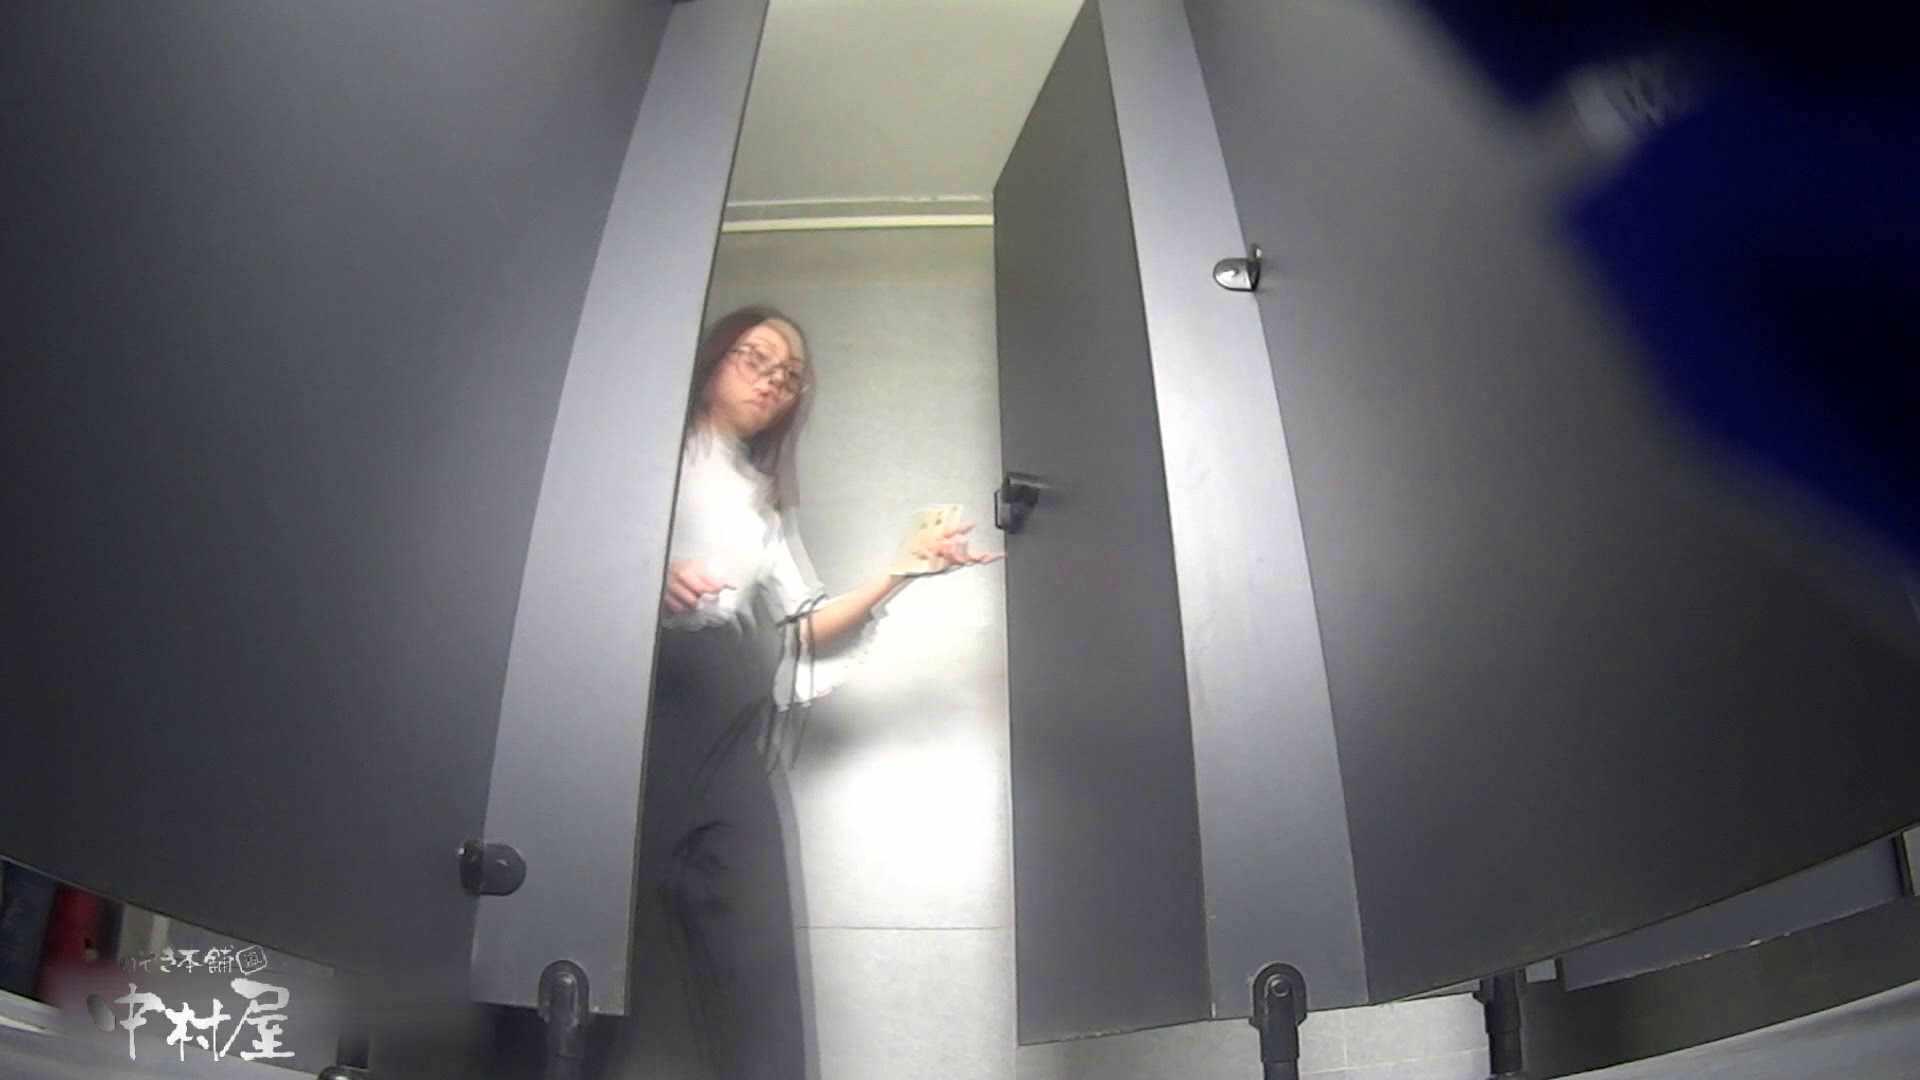 ツンデレお女市さんのトイレ事情 大学休憩時間の洗面所事情32 洗面所編 盗撮画像 110PIX 27